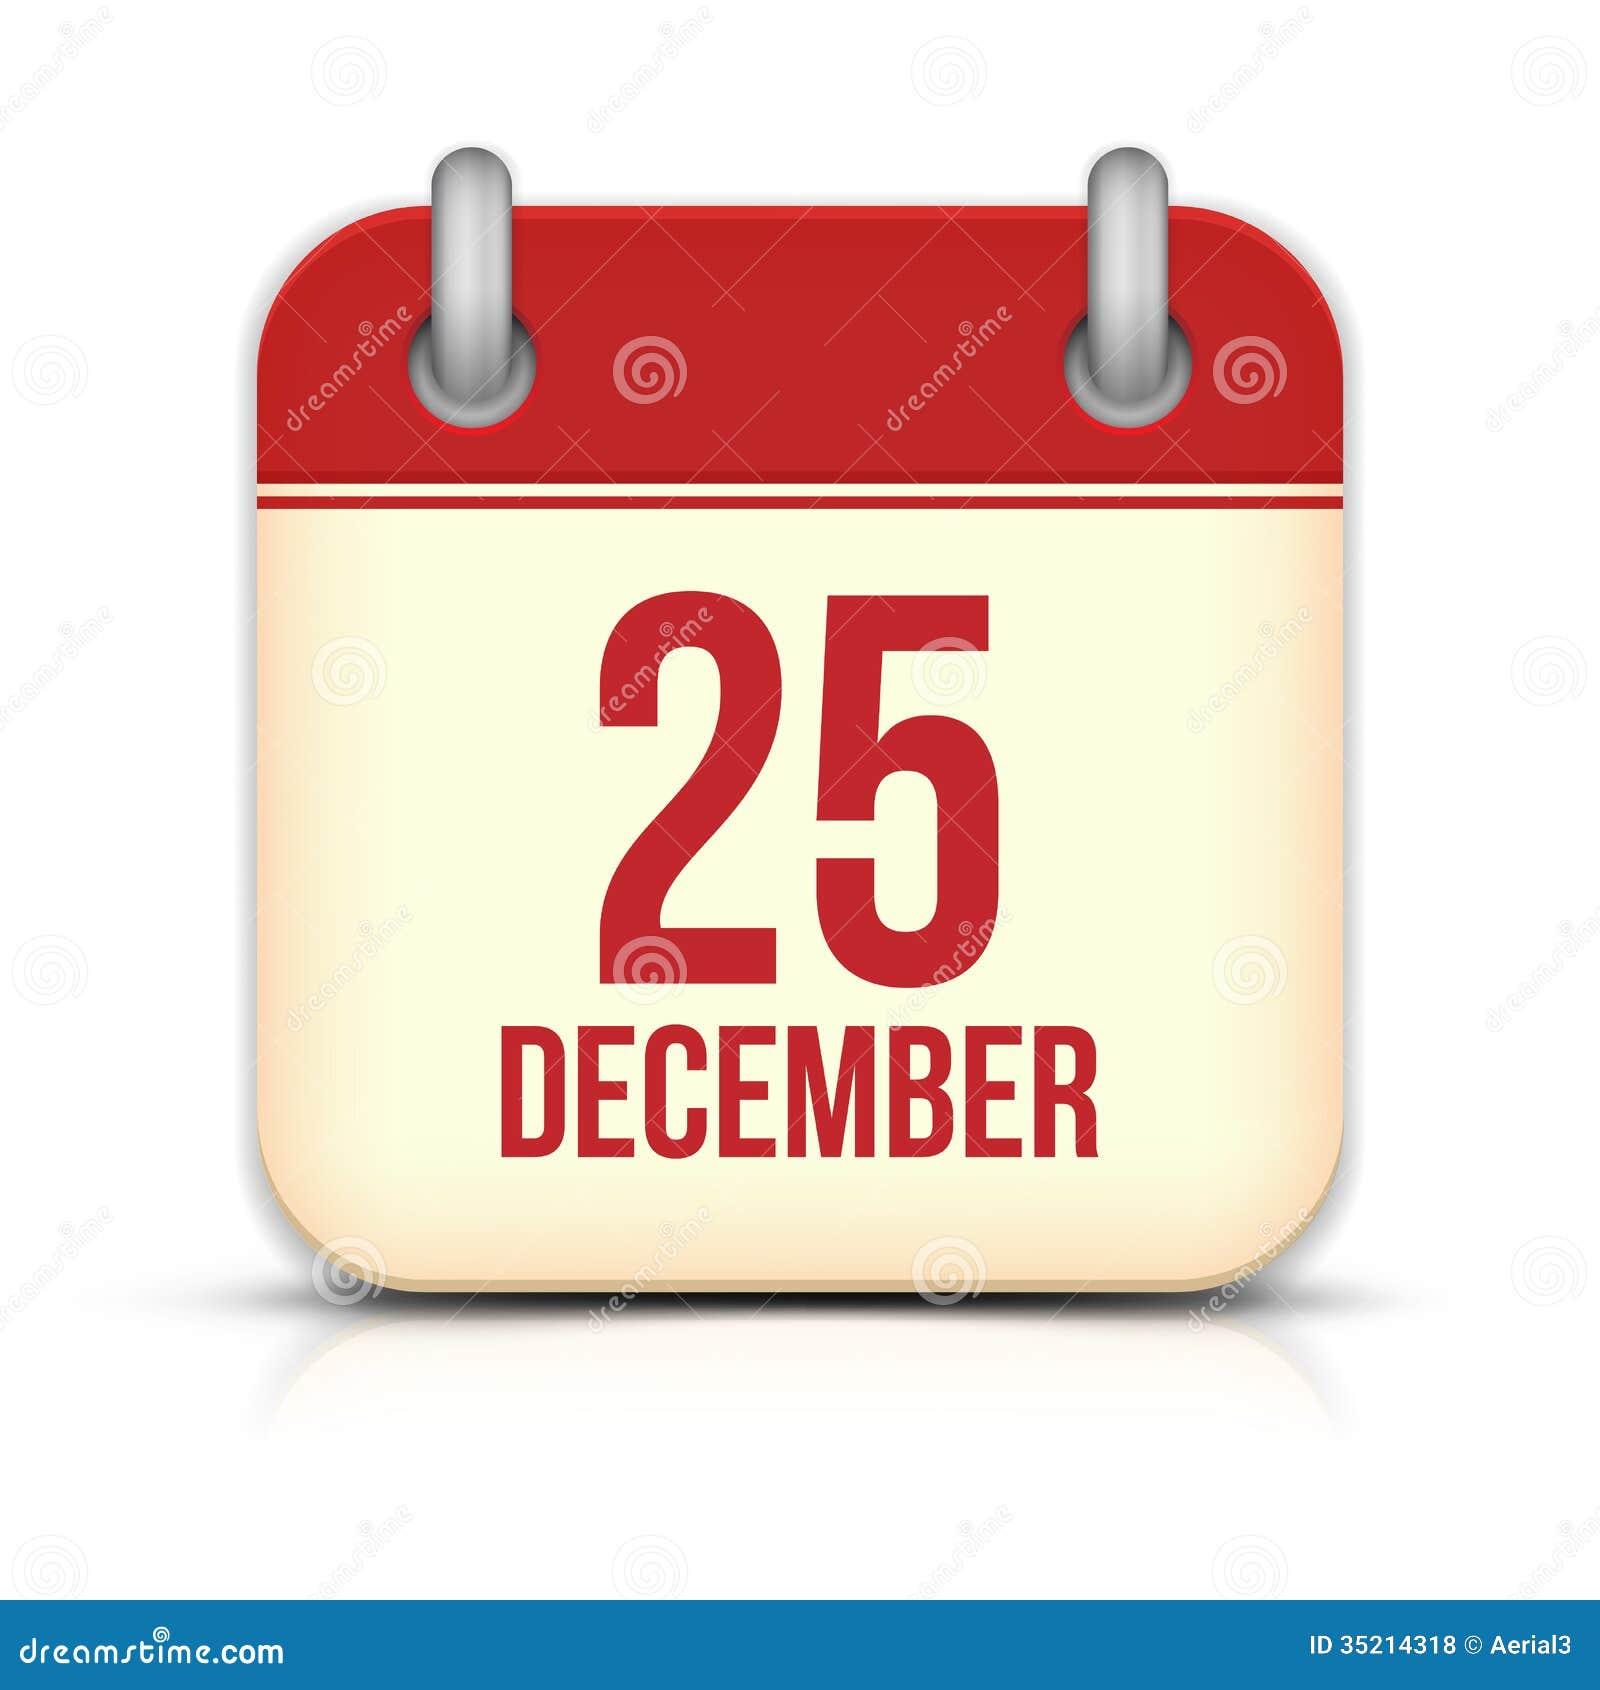 Weihnachtstageskalender-Ikone. Am 25. Dezember. Vektor